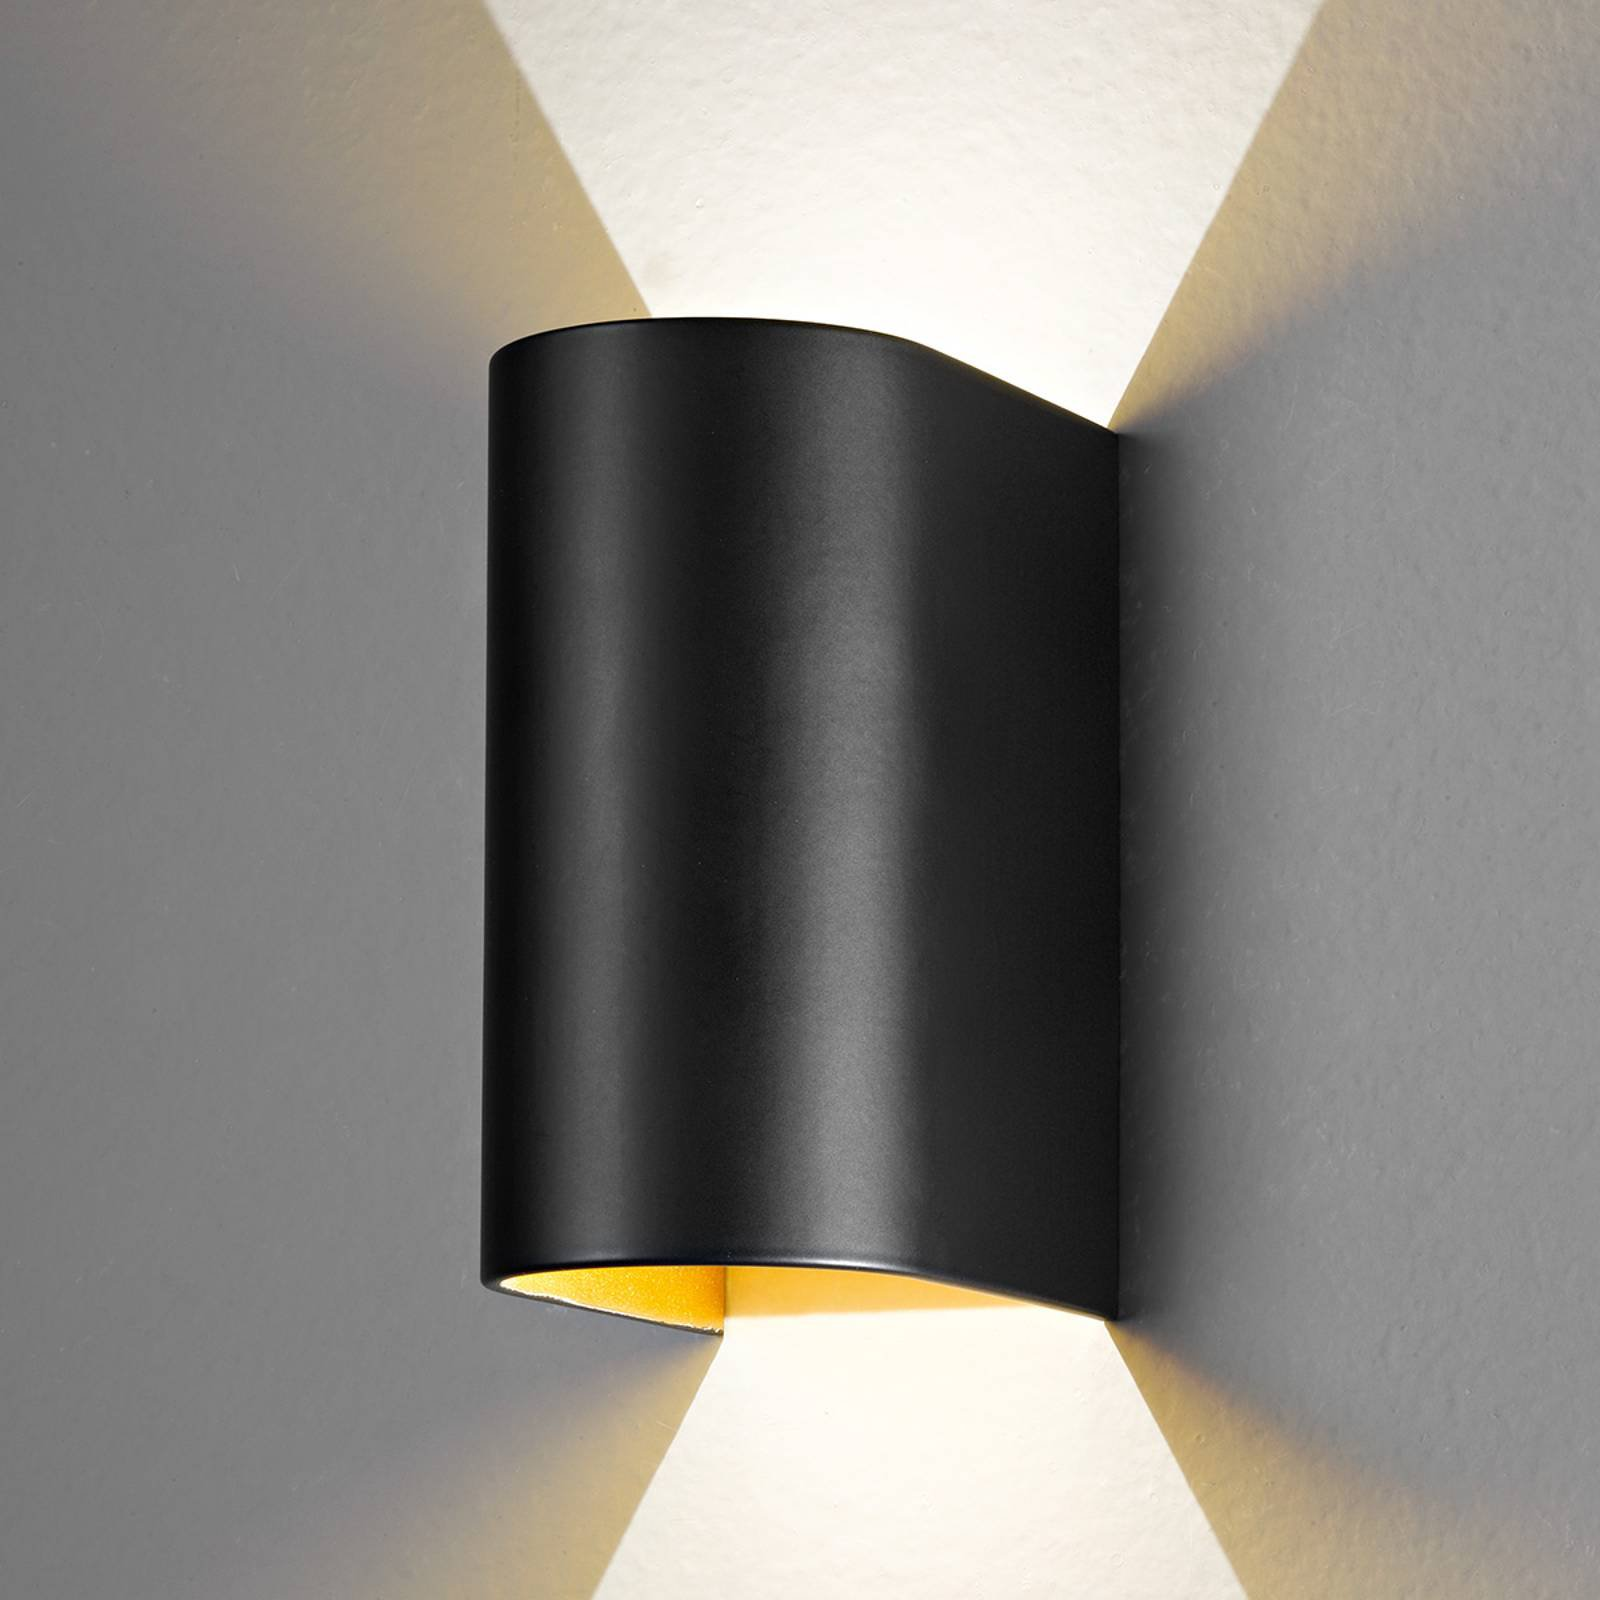 LED-vegglampe Feeling, svart-gull